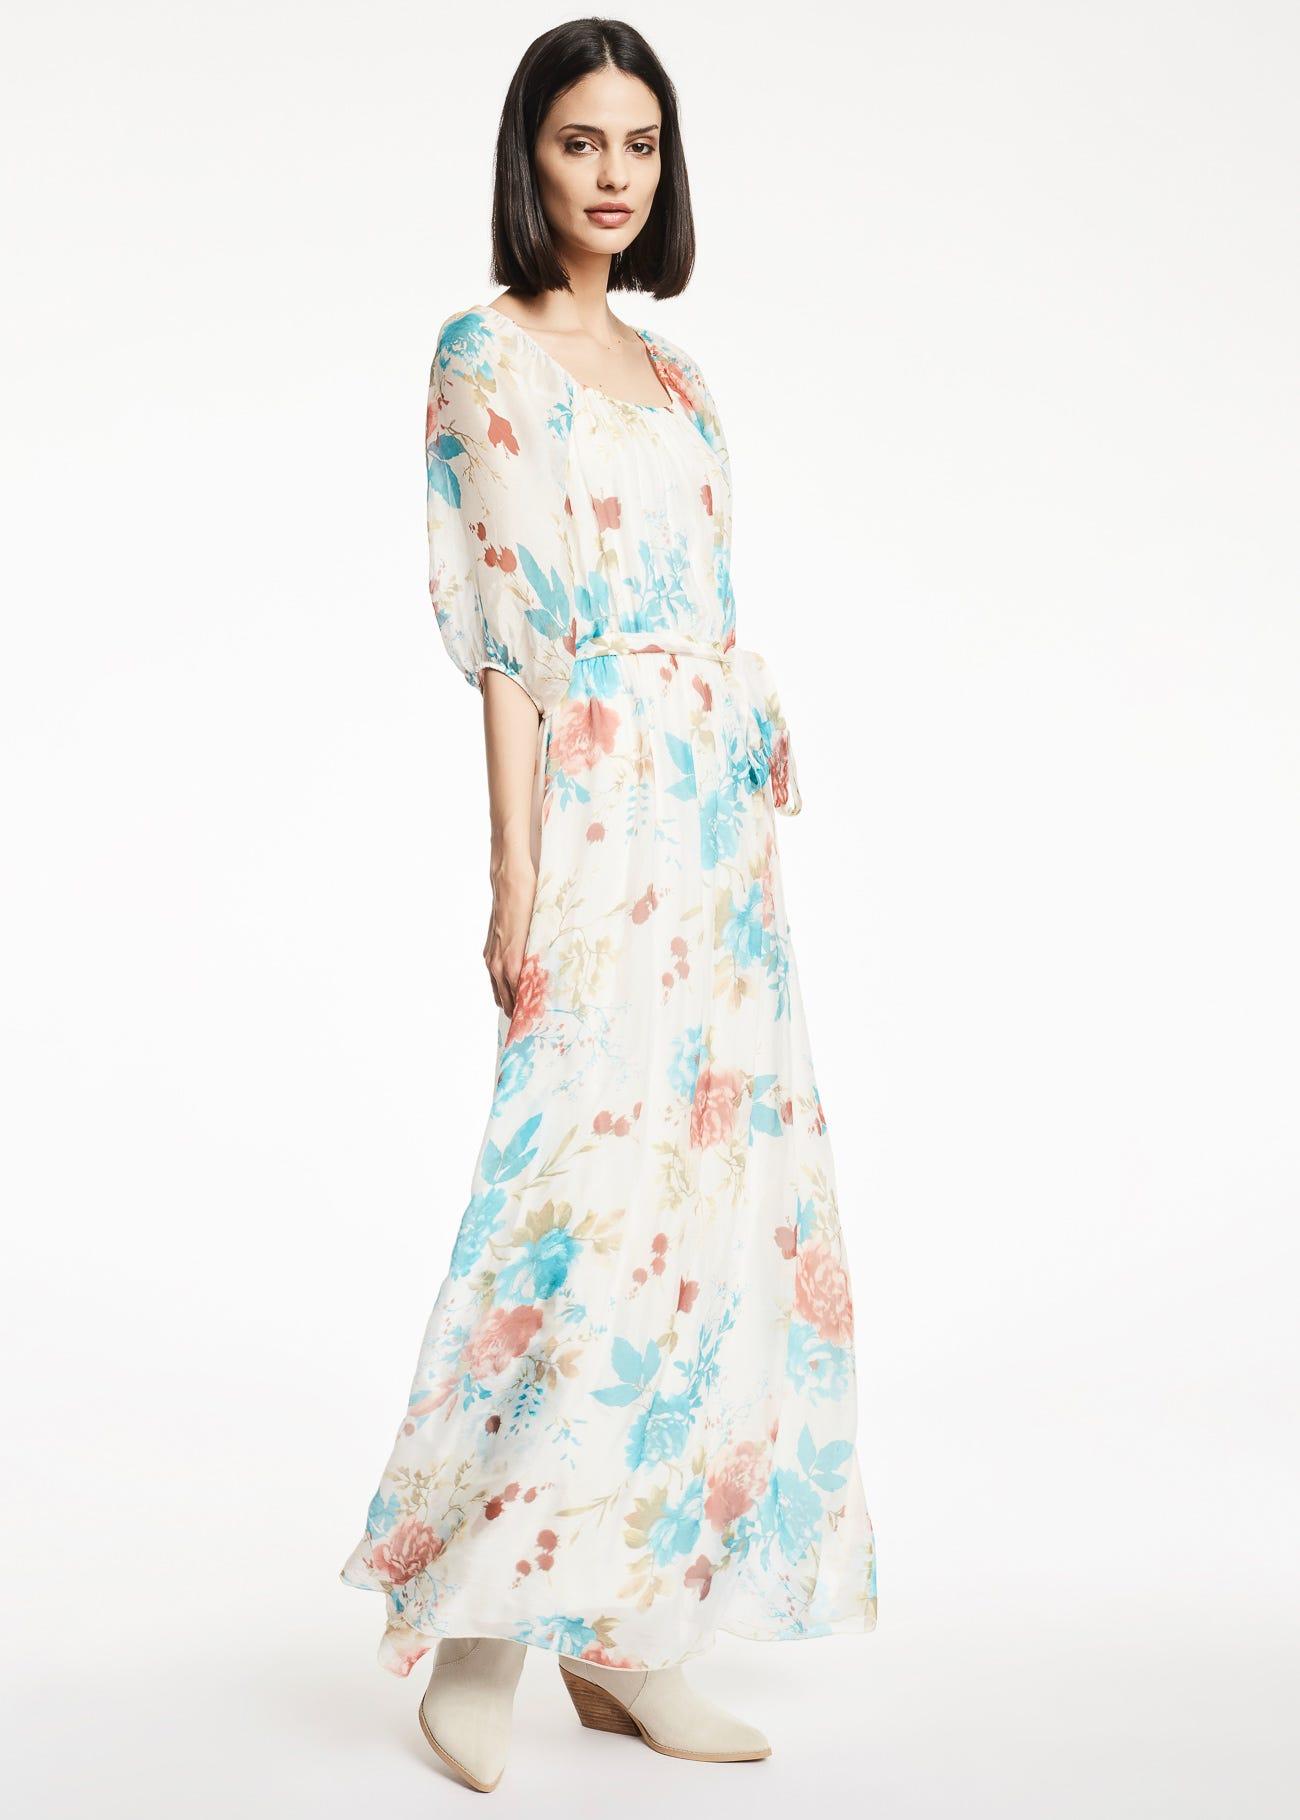 Viscose and silk blend dress